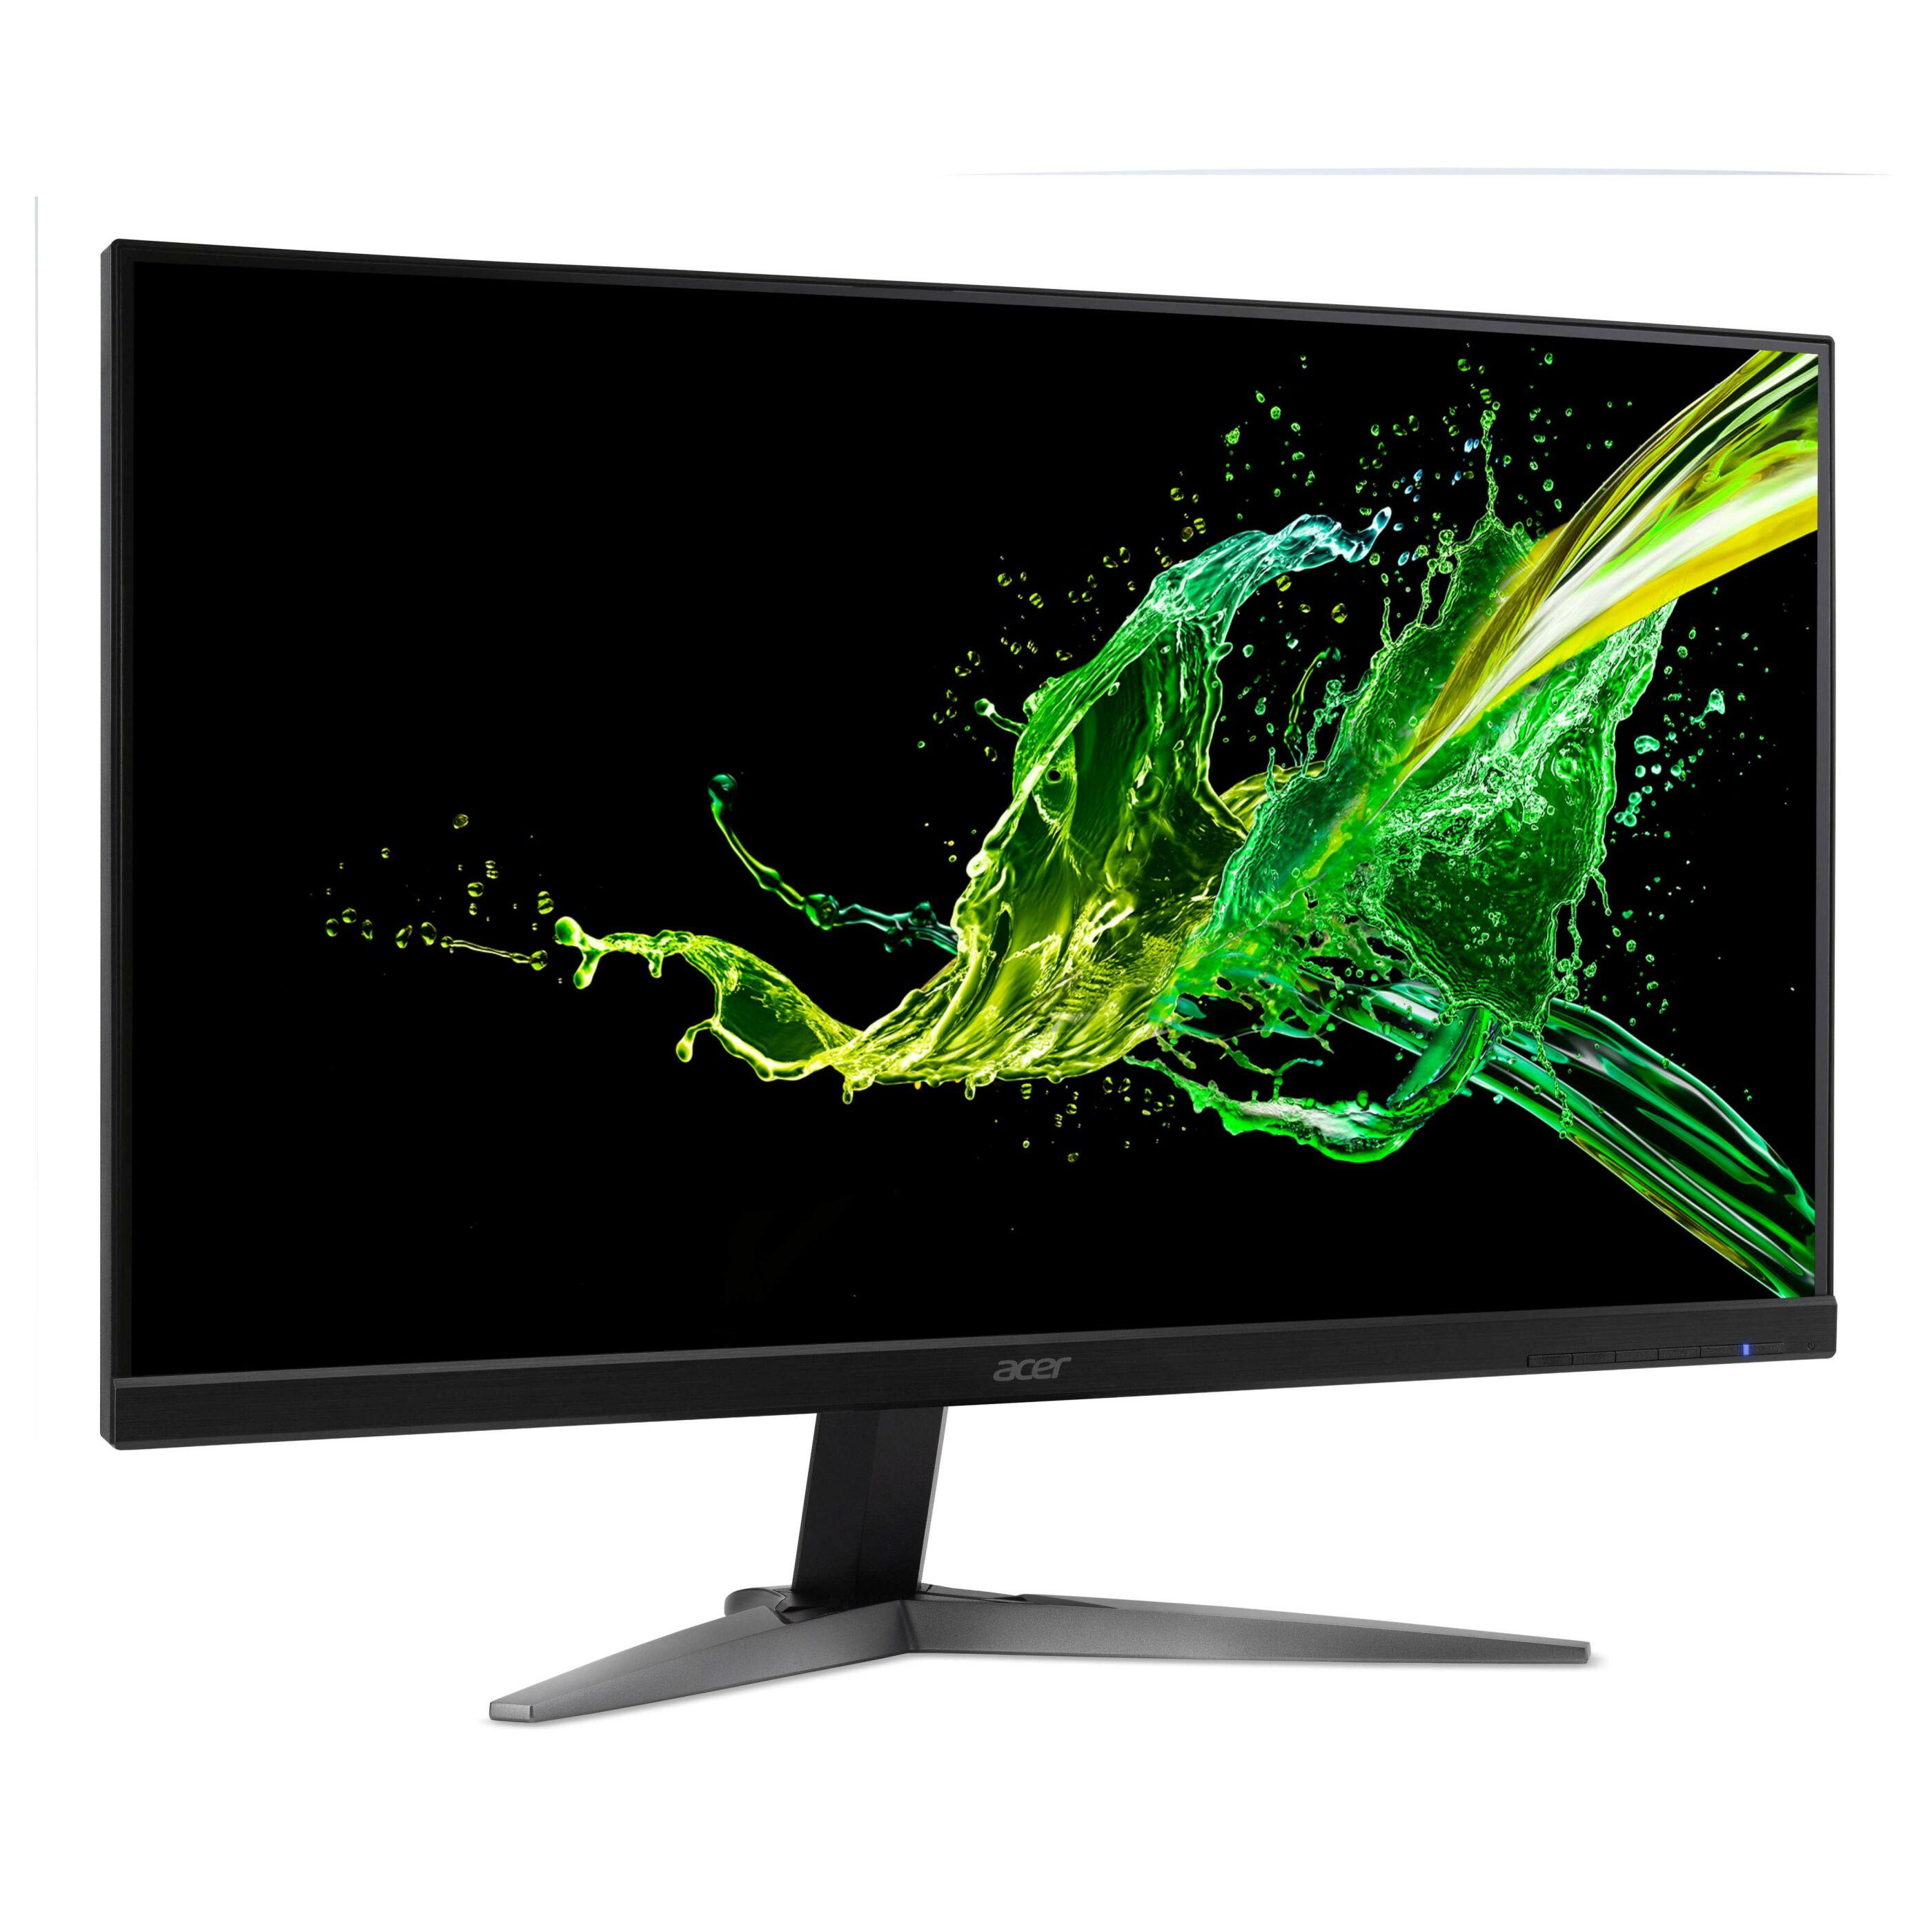 """Acer KG271UA (27"""", WQHD, TN, 144Hz, FreeSync, 350cd/m², 6bit+FRC, HDMI 2.0 & 1.4, DP 1.2, Lautsprecher, VESA, 2J Garantie)"""